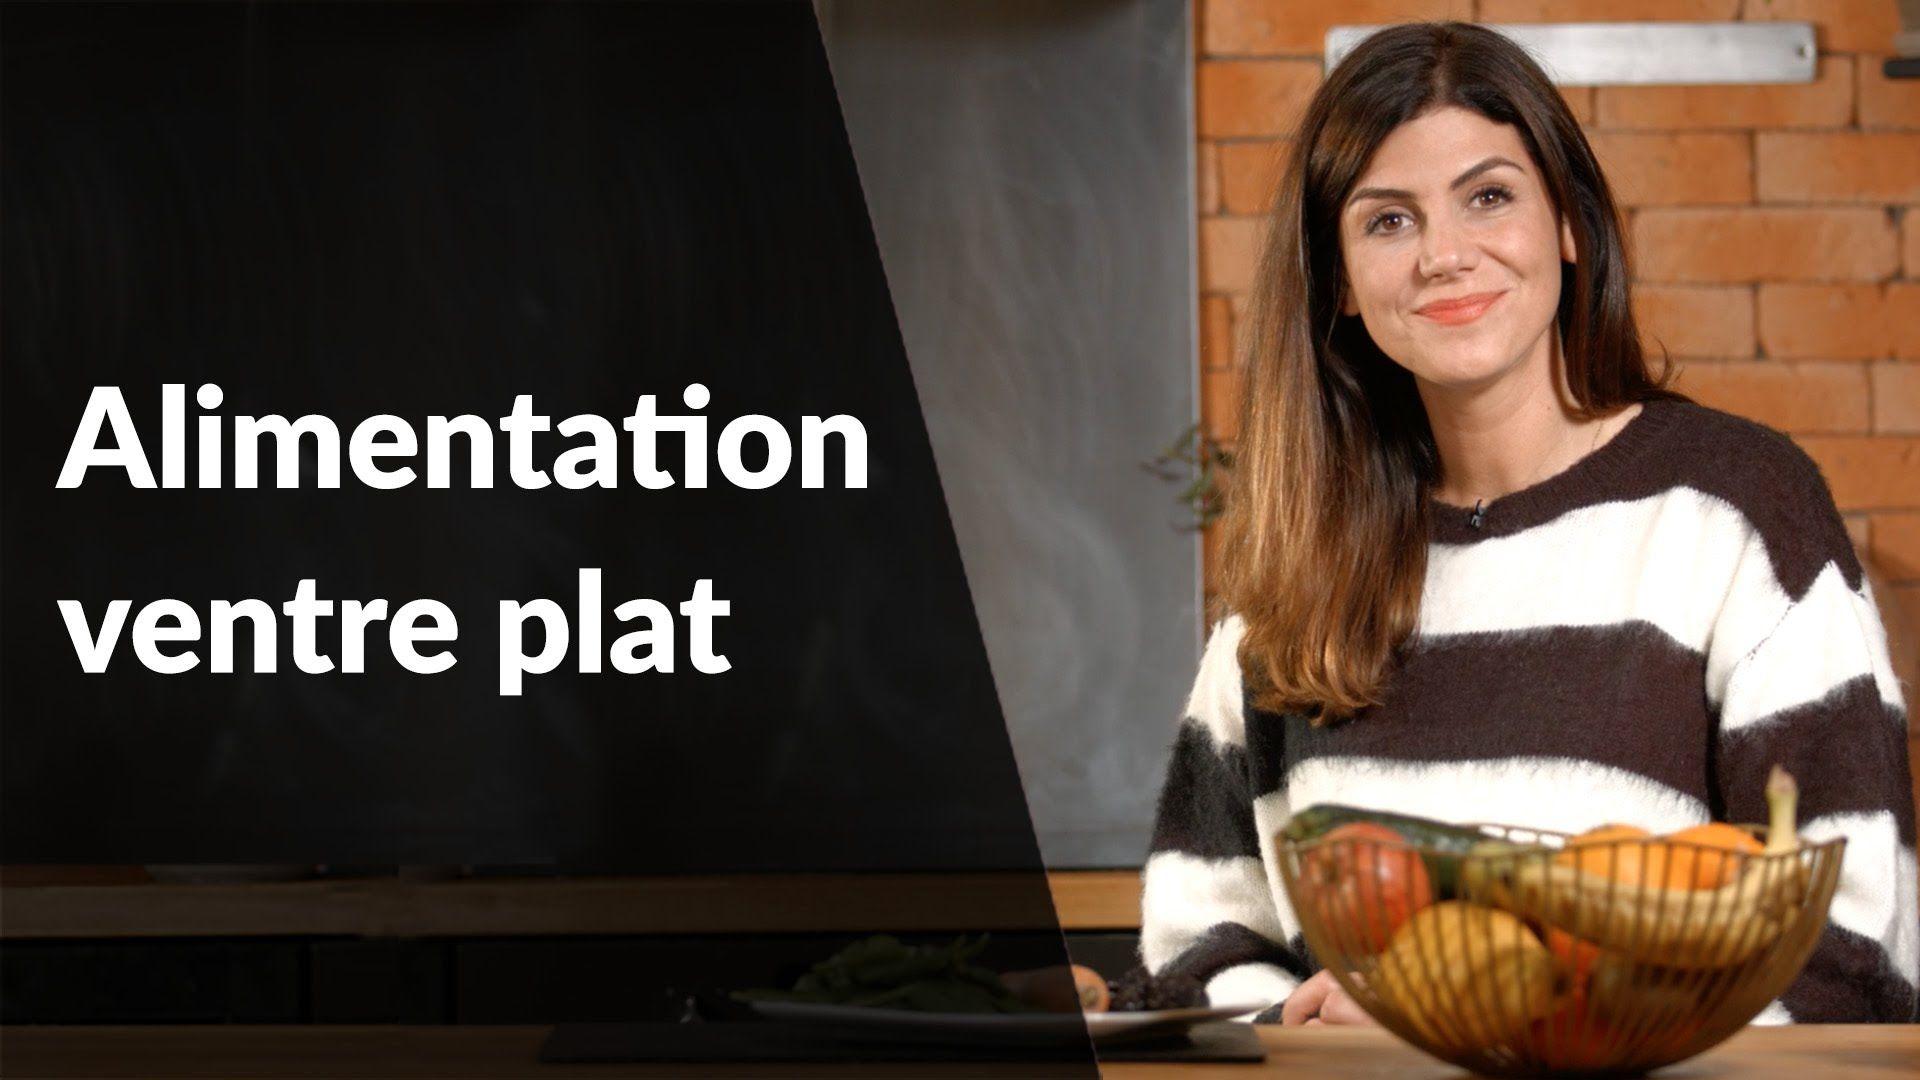 Question Nutrition - Alimentation ventre plat   Aliments